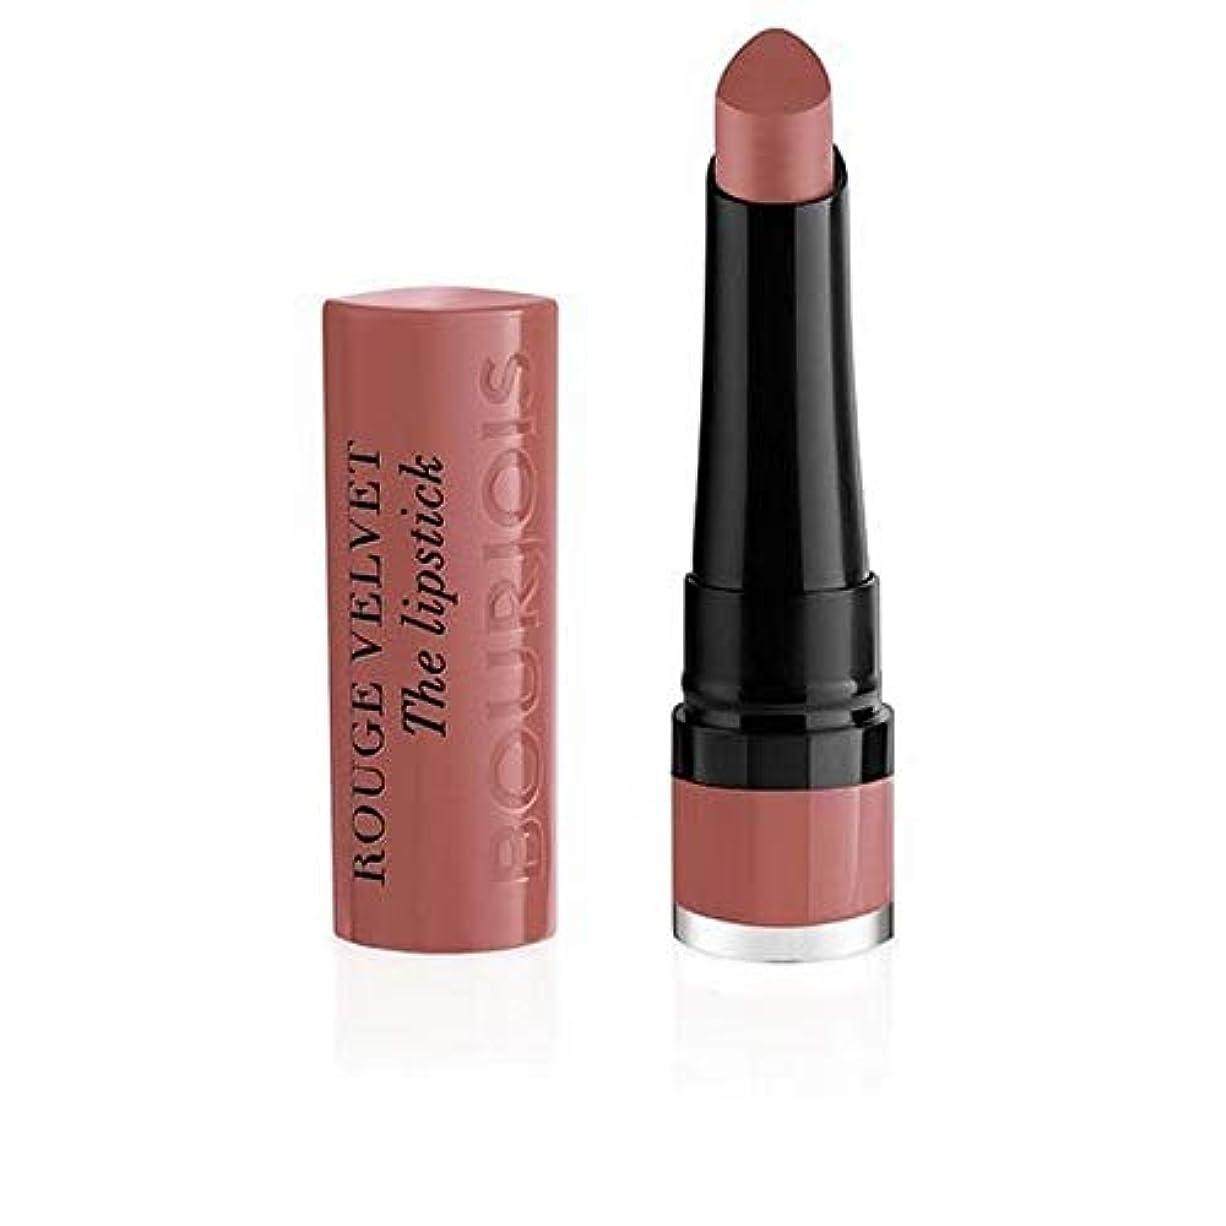 未満たまにアラーム[Bourjois ] ルージュのベルベットの口紅13 Nochalicious - Rouge Velvet The Lipstick 13 Nochalicious [並行輸入品]